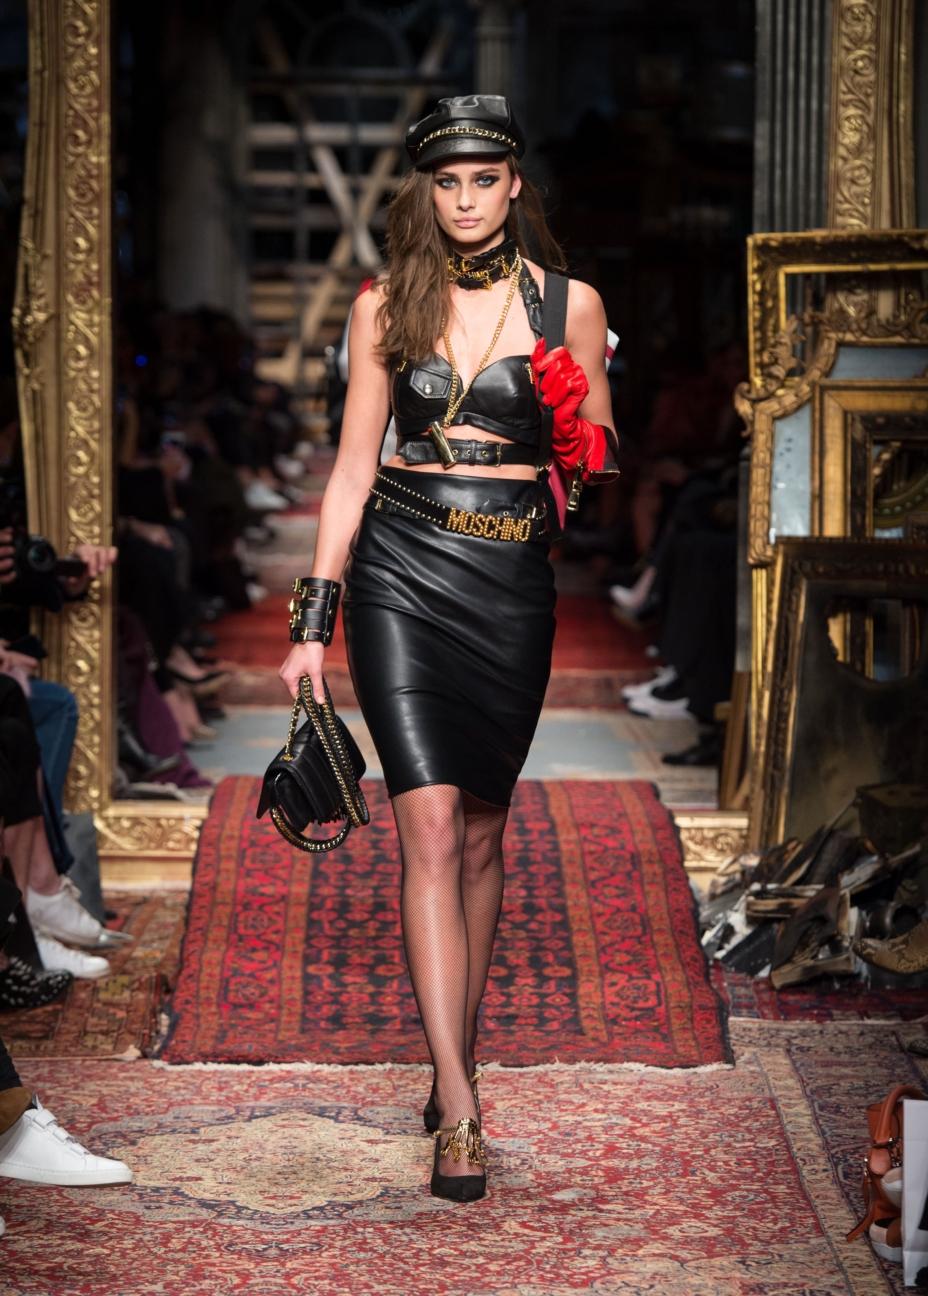 moschino-milan-fashion-week-aw-16-36